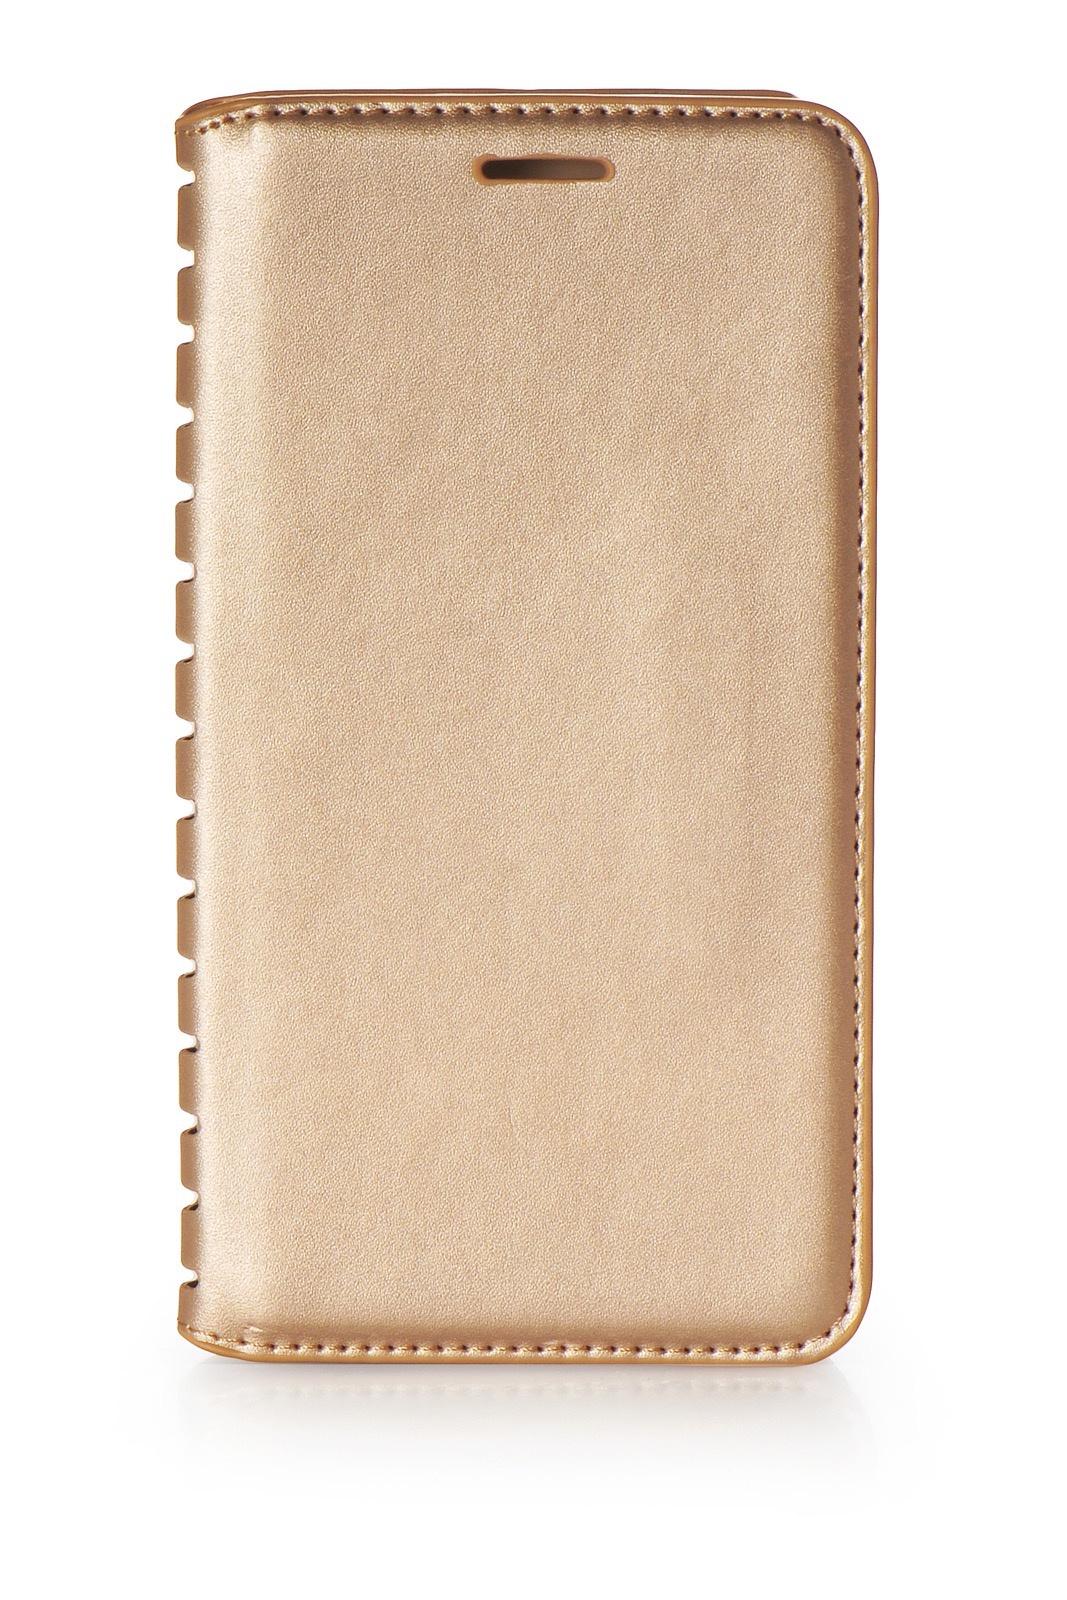 Чехол для сотового телефона Gurdini книжка Premium с силиконом на магните 906536 для Samsung Galaxy J4 (2018), золотой